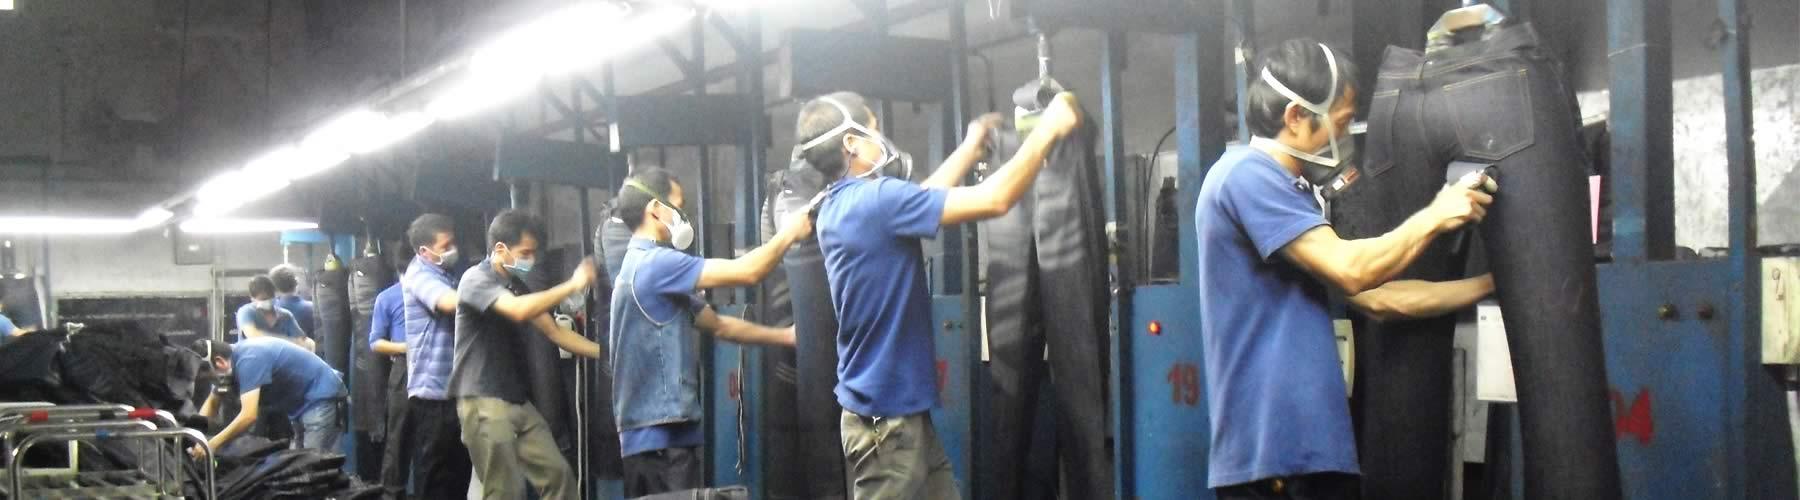 e5e61049dbe58c Banning Sandblasting Jeans - TRAID